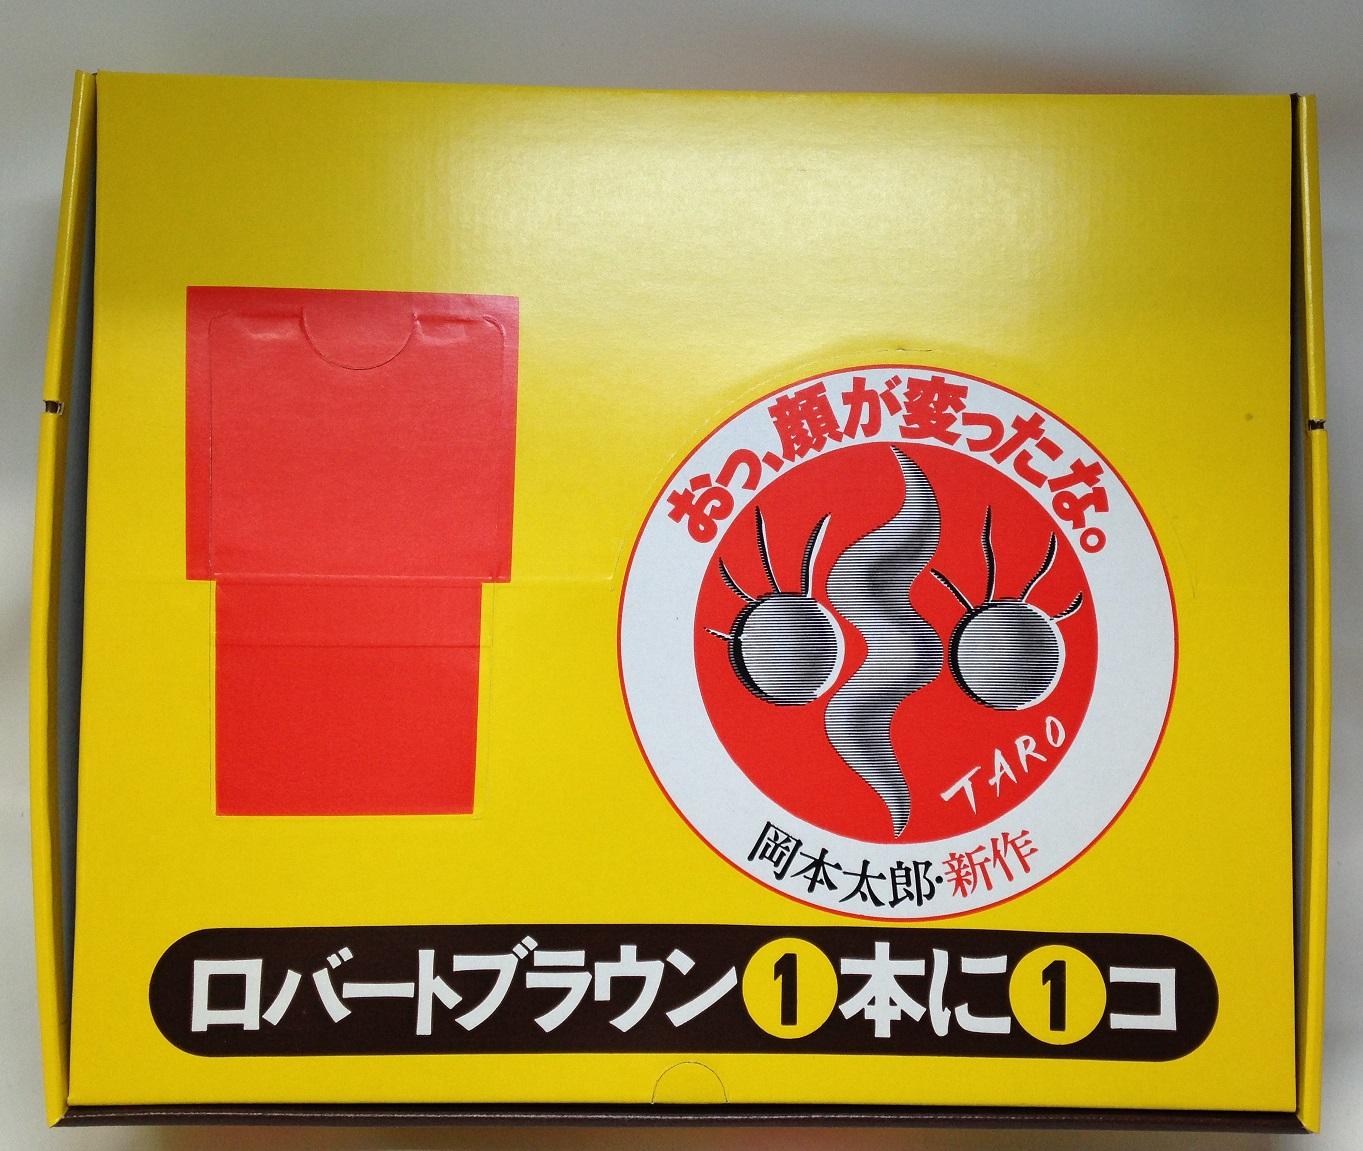 【1970年代デッドストック品】岡本太郎キリン ロバートブラウン ロックグラス 箱入り12個セット 画像